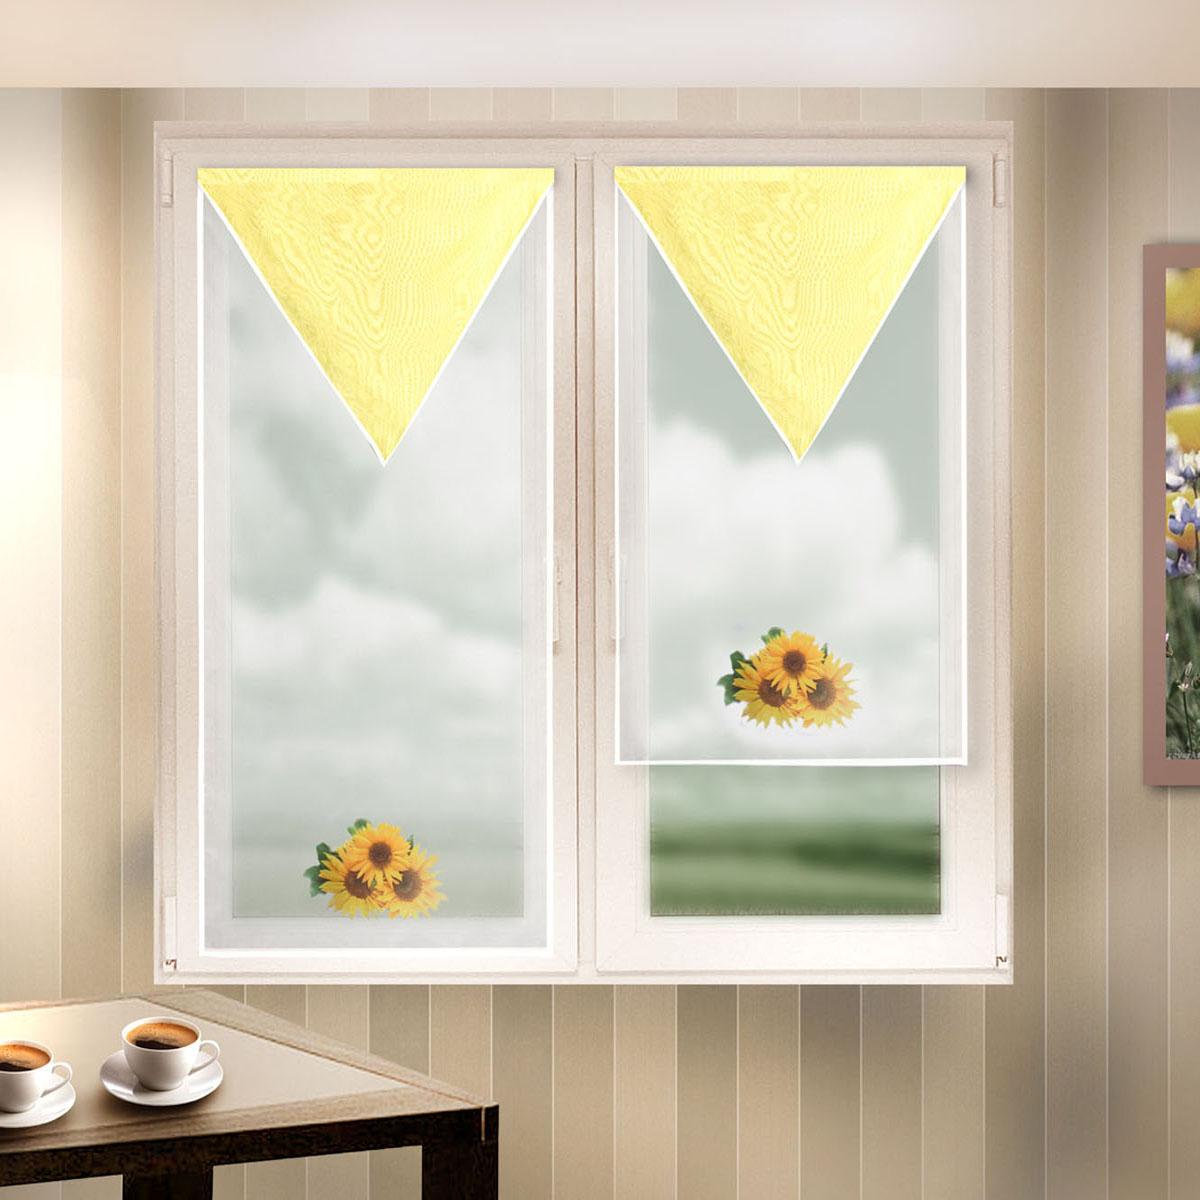 Гардина Zlata Korunka, на липкой ленте, цвет: белый, высота 140 см. 666044CLP446Гардина на липкой ленте Zlata Korunka, изготовленная из полиэстера, станет великолепным украшением любого окна. Полотно из белой вуали с печатным рисунком привлечет к себе внимание и органично впишется в интерьер комнаты. Крепление на липкой ленте, не требующее сверления стен и карниза. Многоразовое и мгновенное крепление.